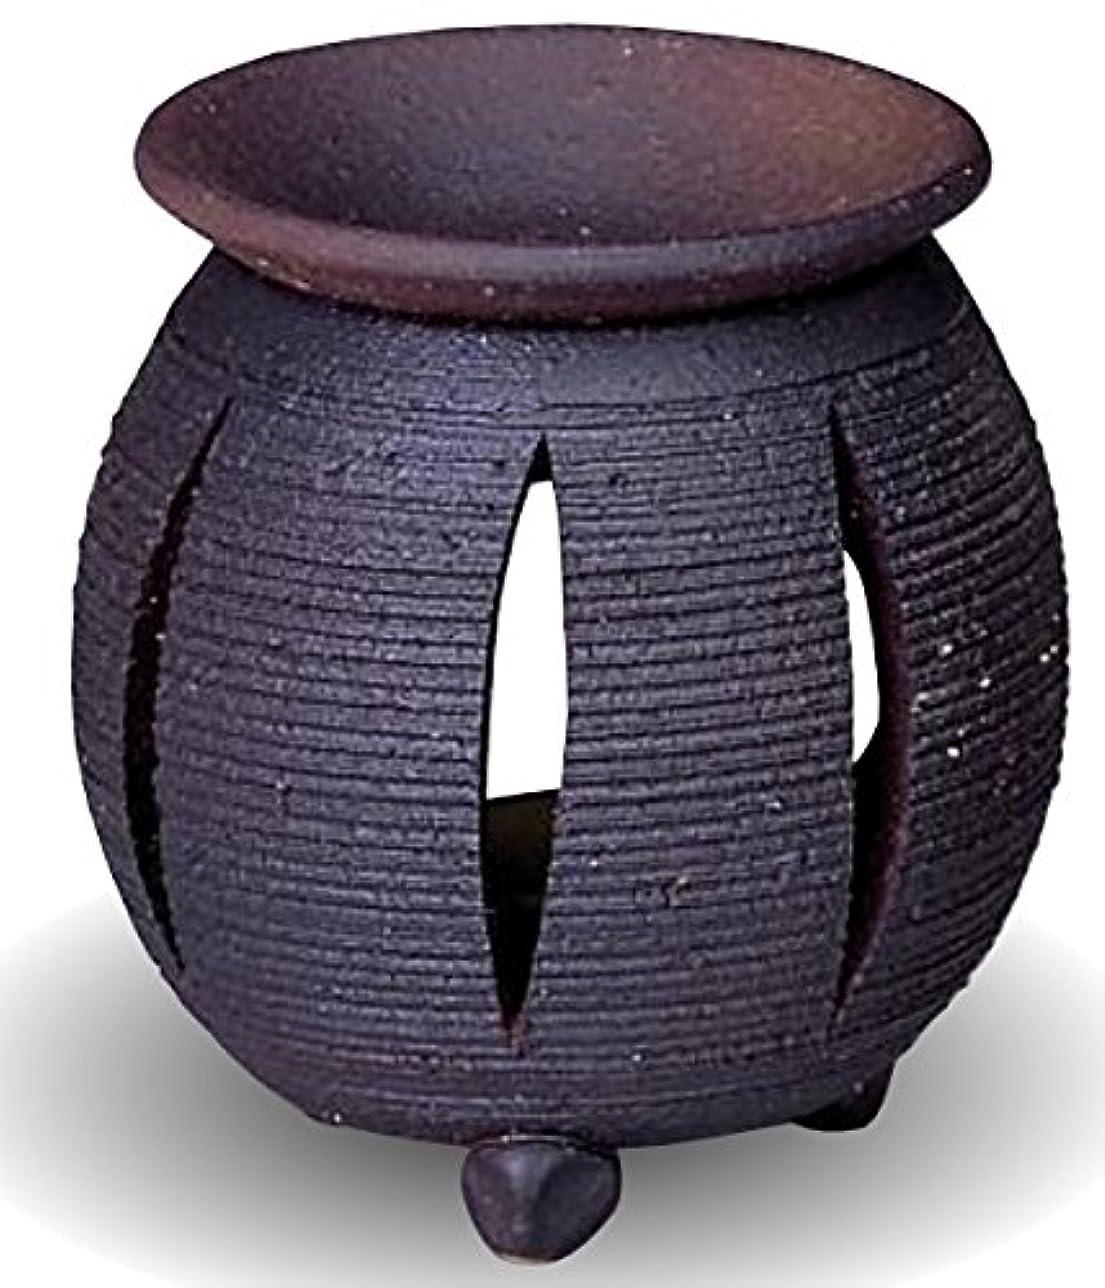 うめき意志に反する仮定常滑焼 茶香炉(アロマポット)径10×高さ11.5cm